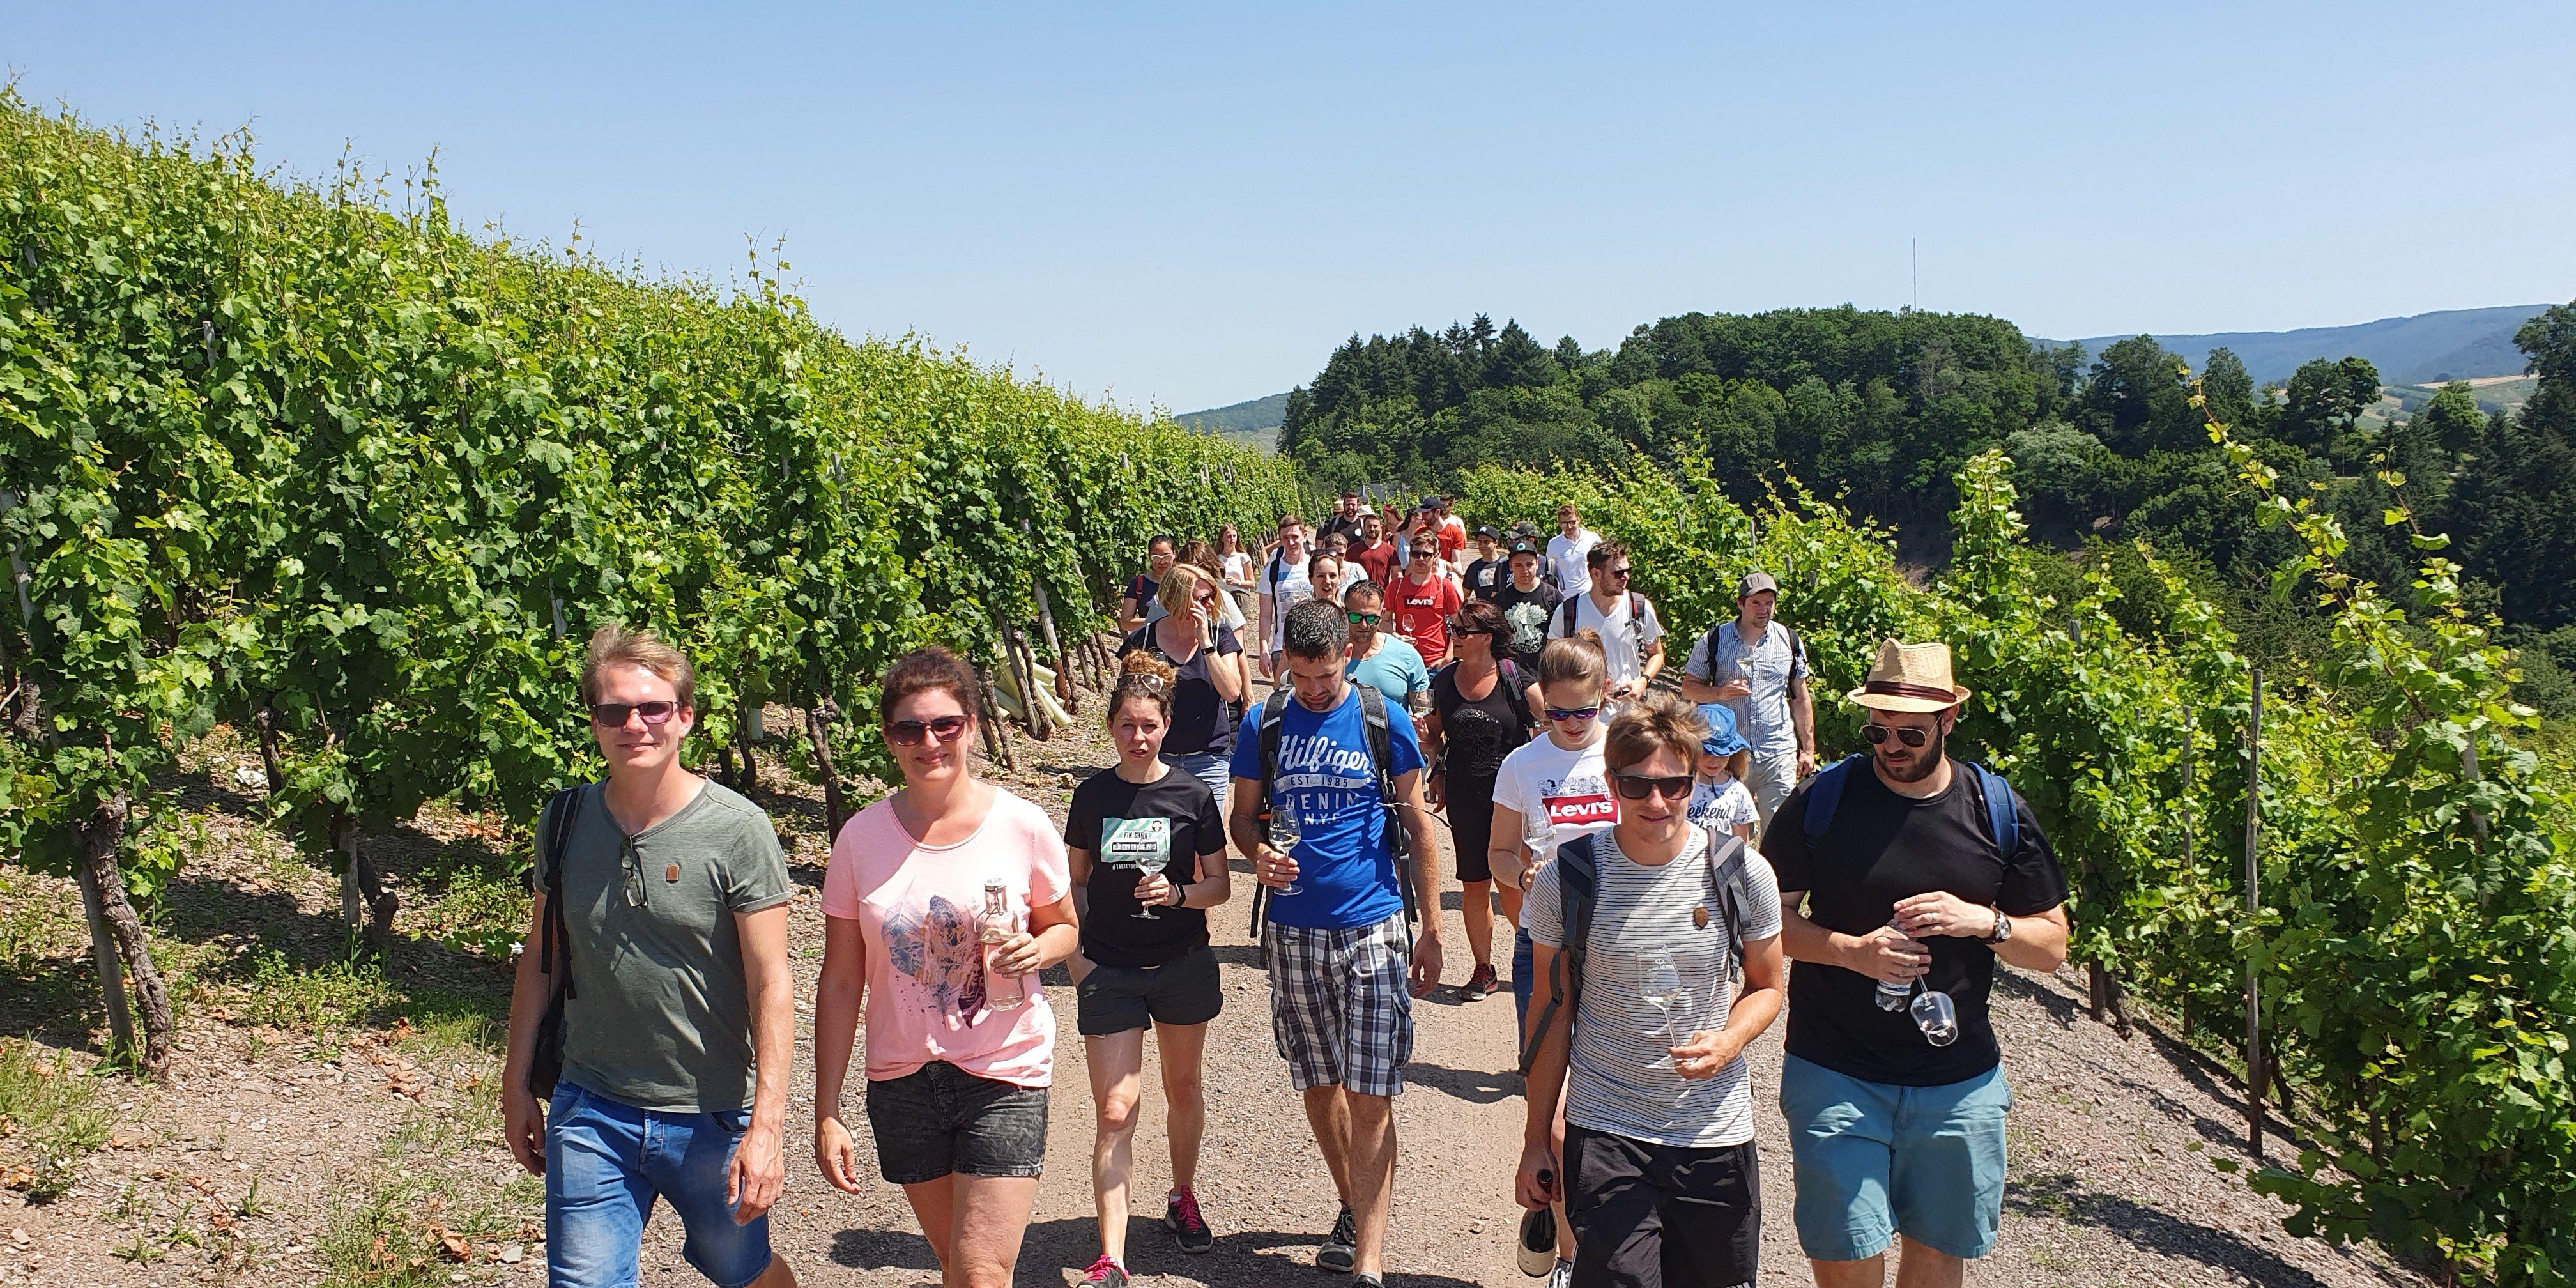 Wanderung durch die Weinberge von Saarburg